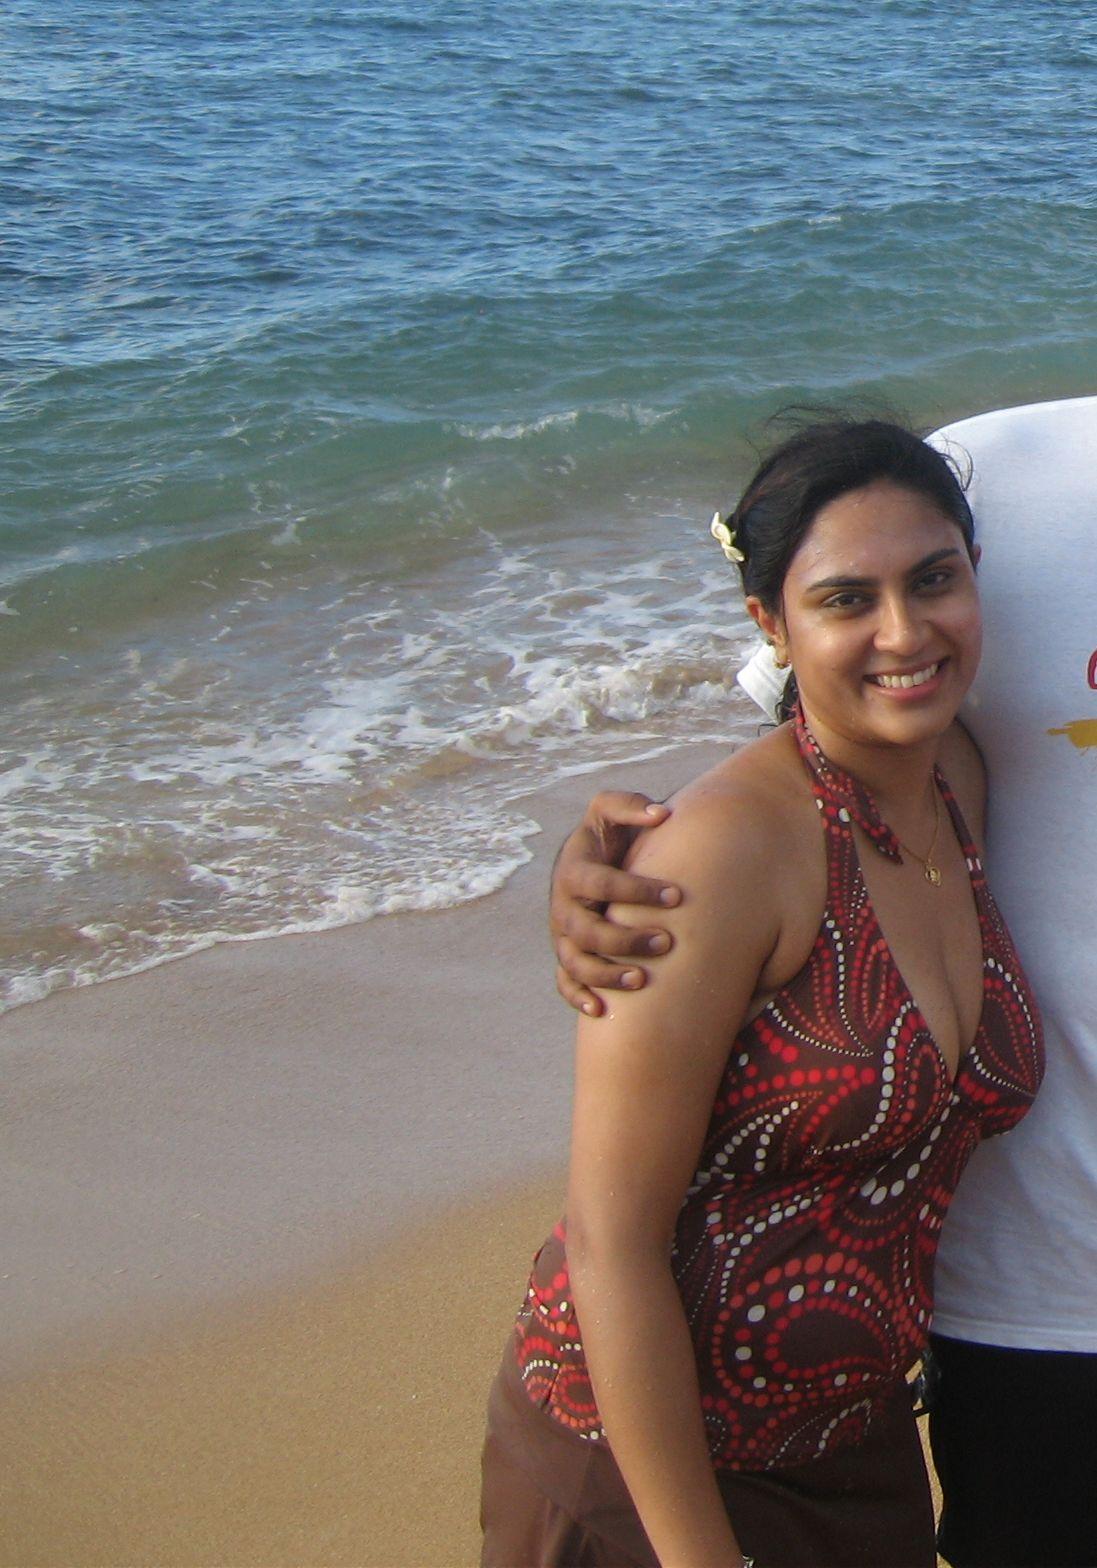 Desi Beach Nude - With you desi telugu aunty nude images congratulate ...